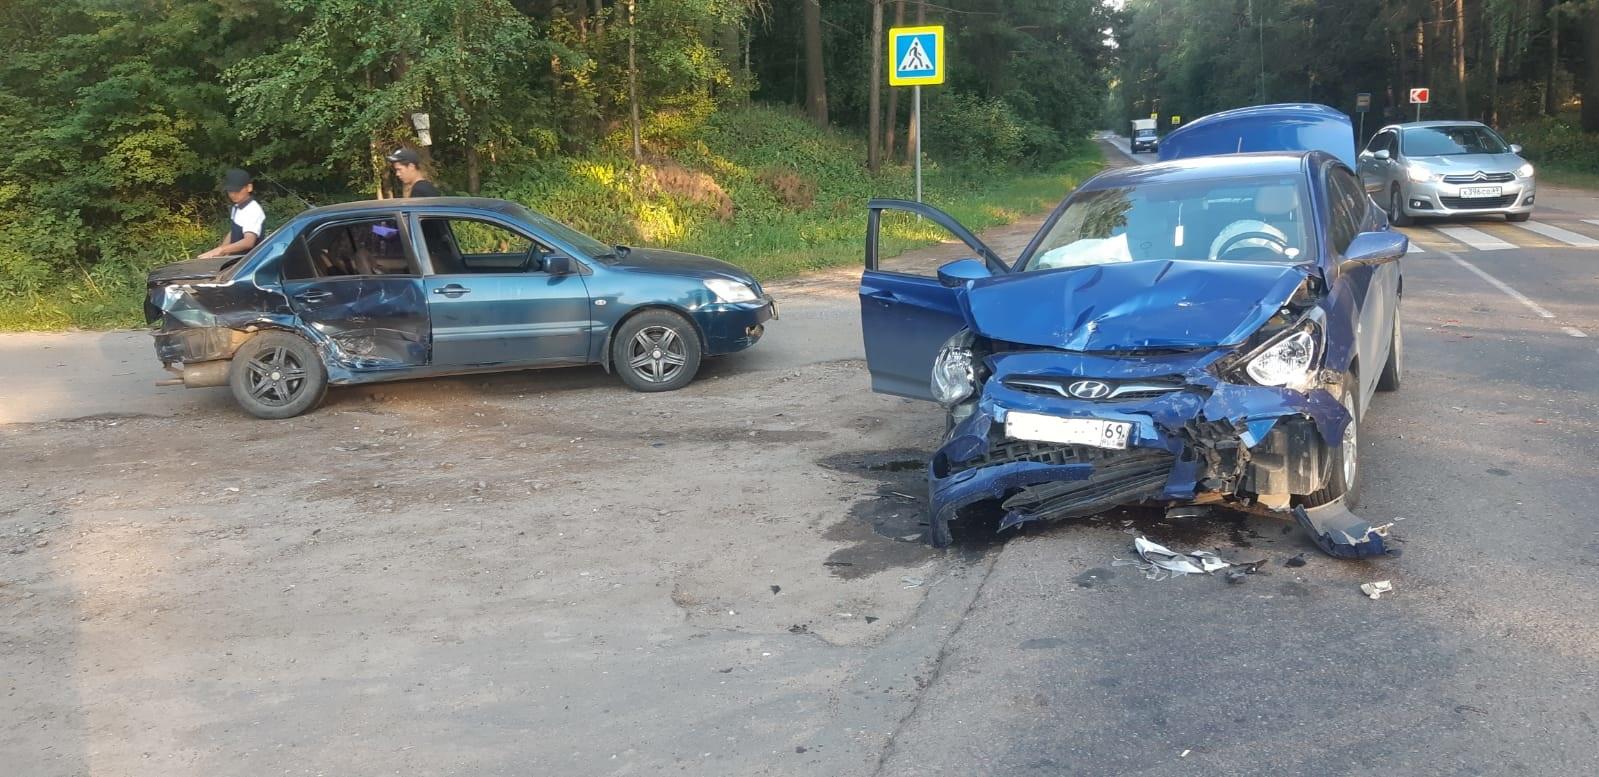 Два автомобиля столкнулись на дороге под Тверью, есть пострадавший